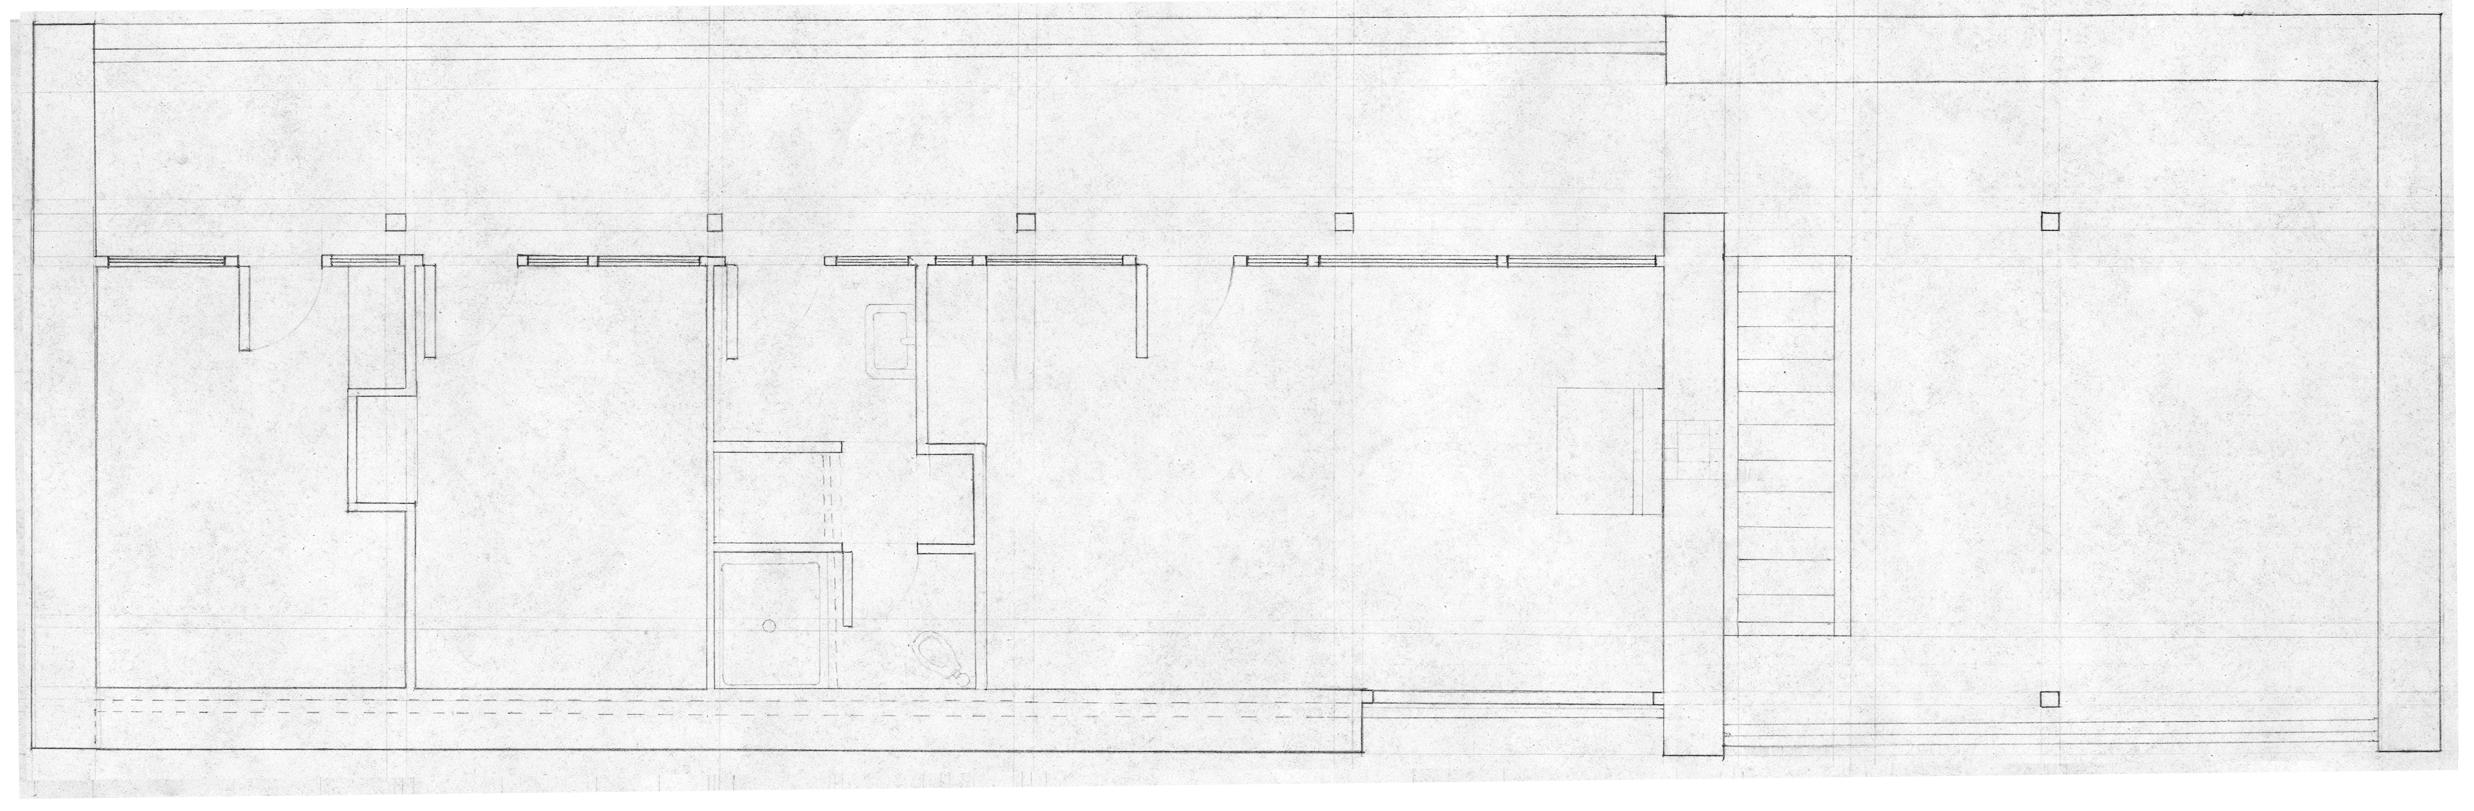 Second Floor Plan18.png